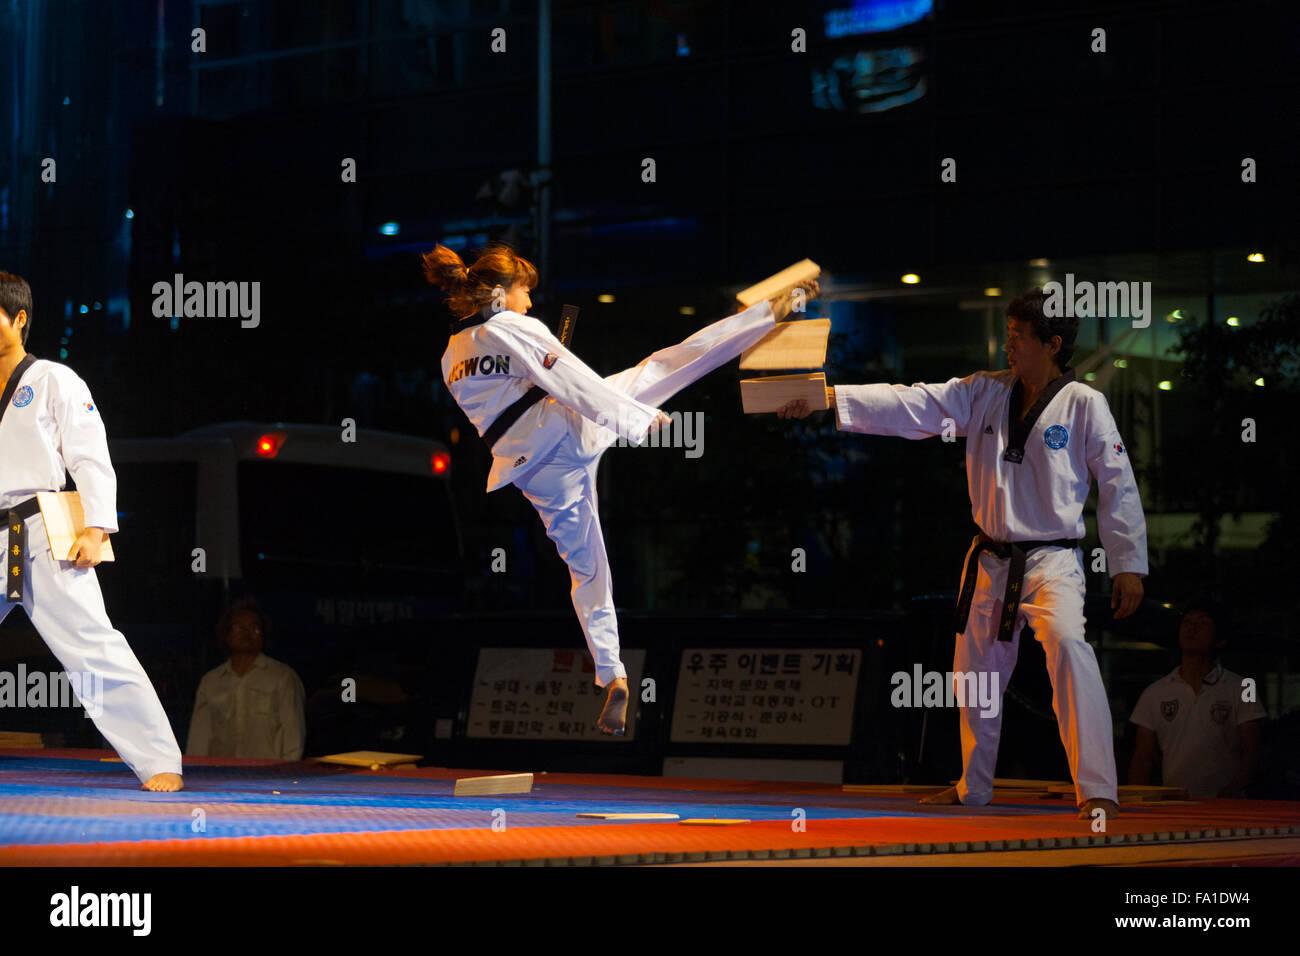 A Taekwondo Black Belt Female Teenager Jumping In Midair Kicking And  Breaking A Wood